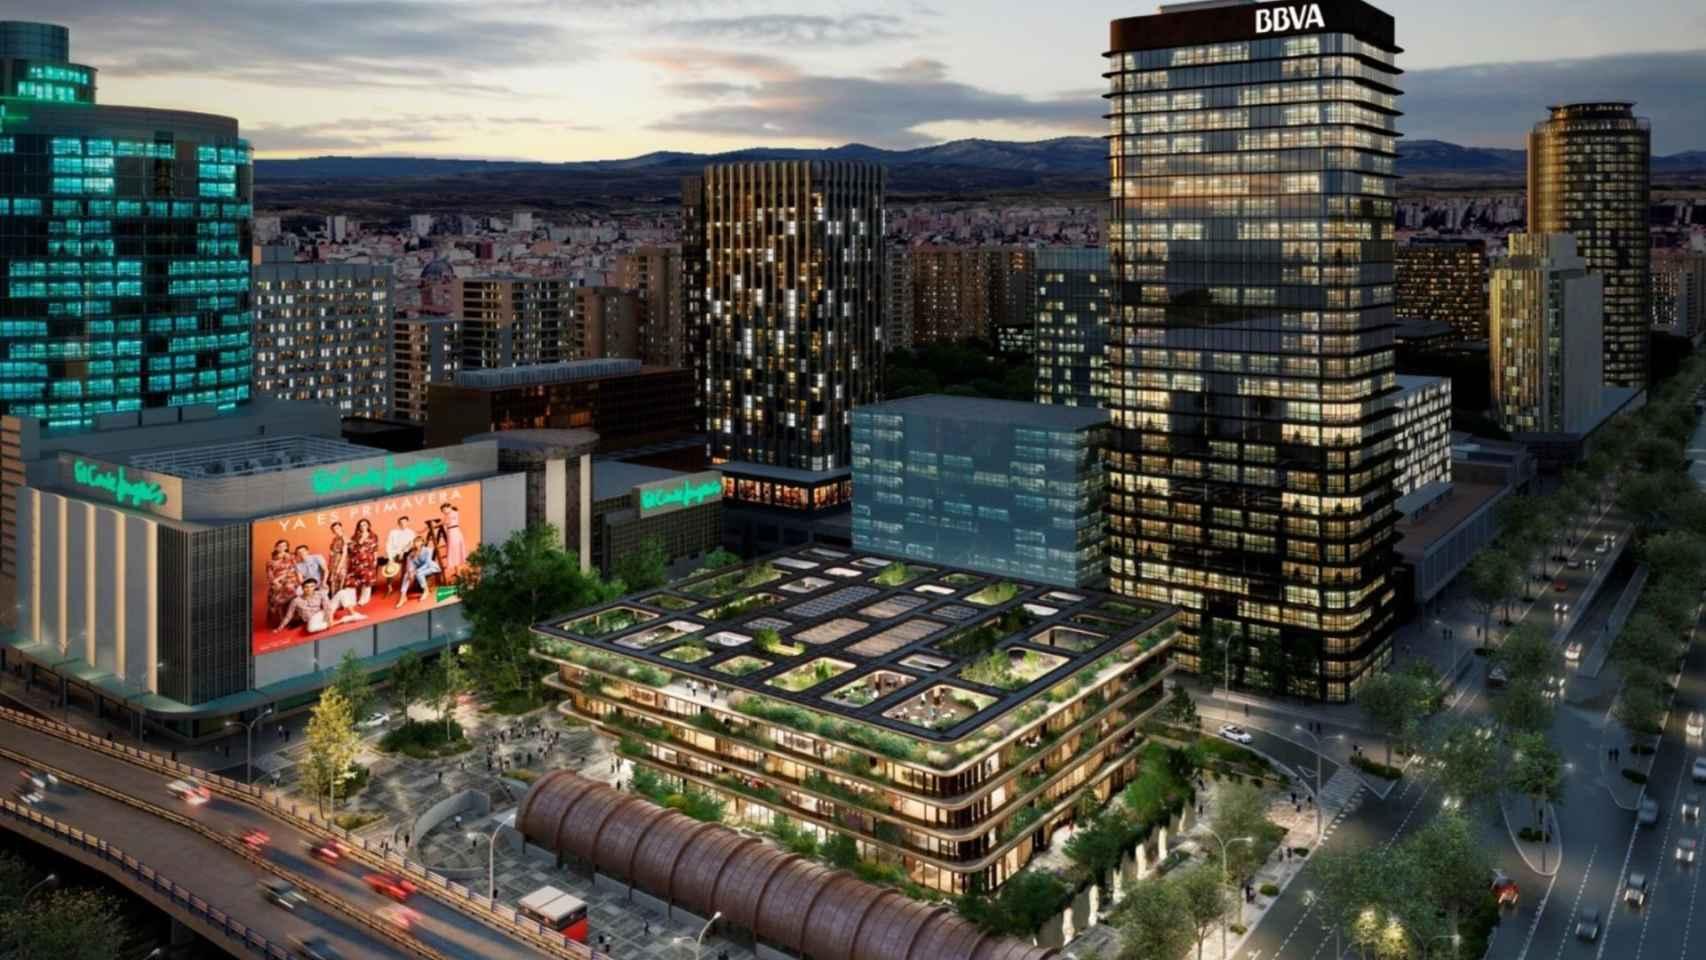 El Corte Inglés elige a Heatherwick Studio para desarrollar un edificio de oficinas en Castellana (Madrid)